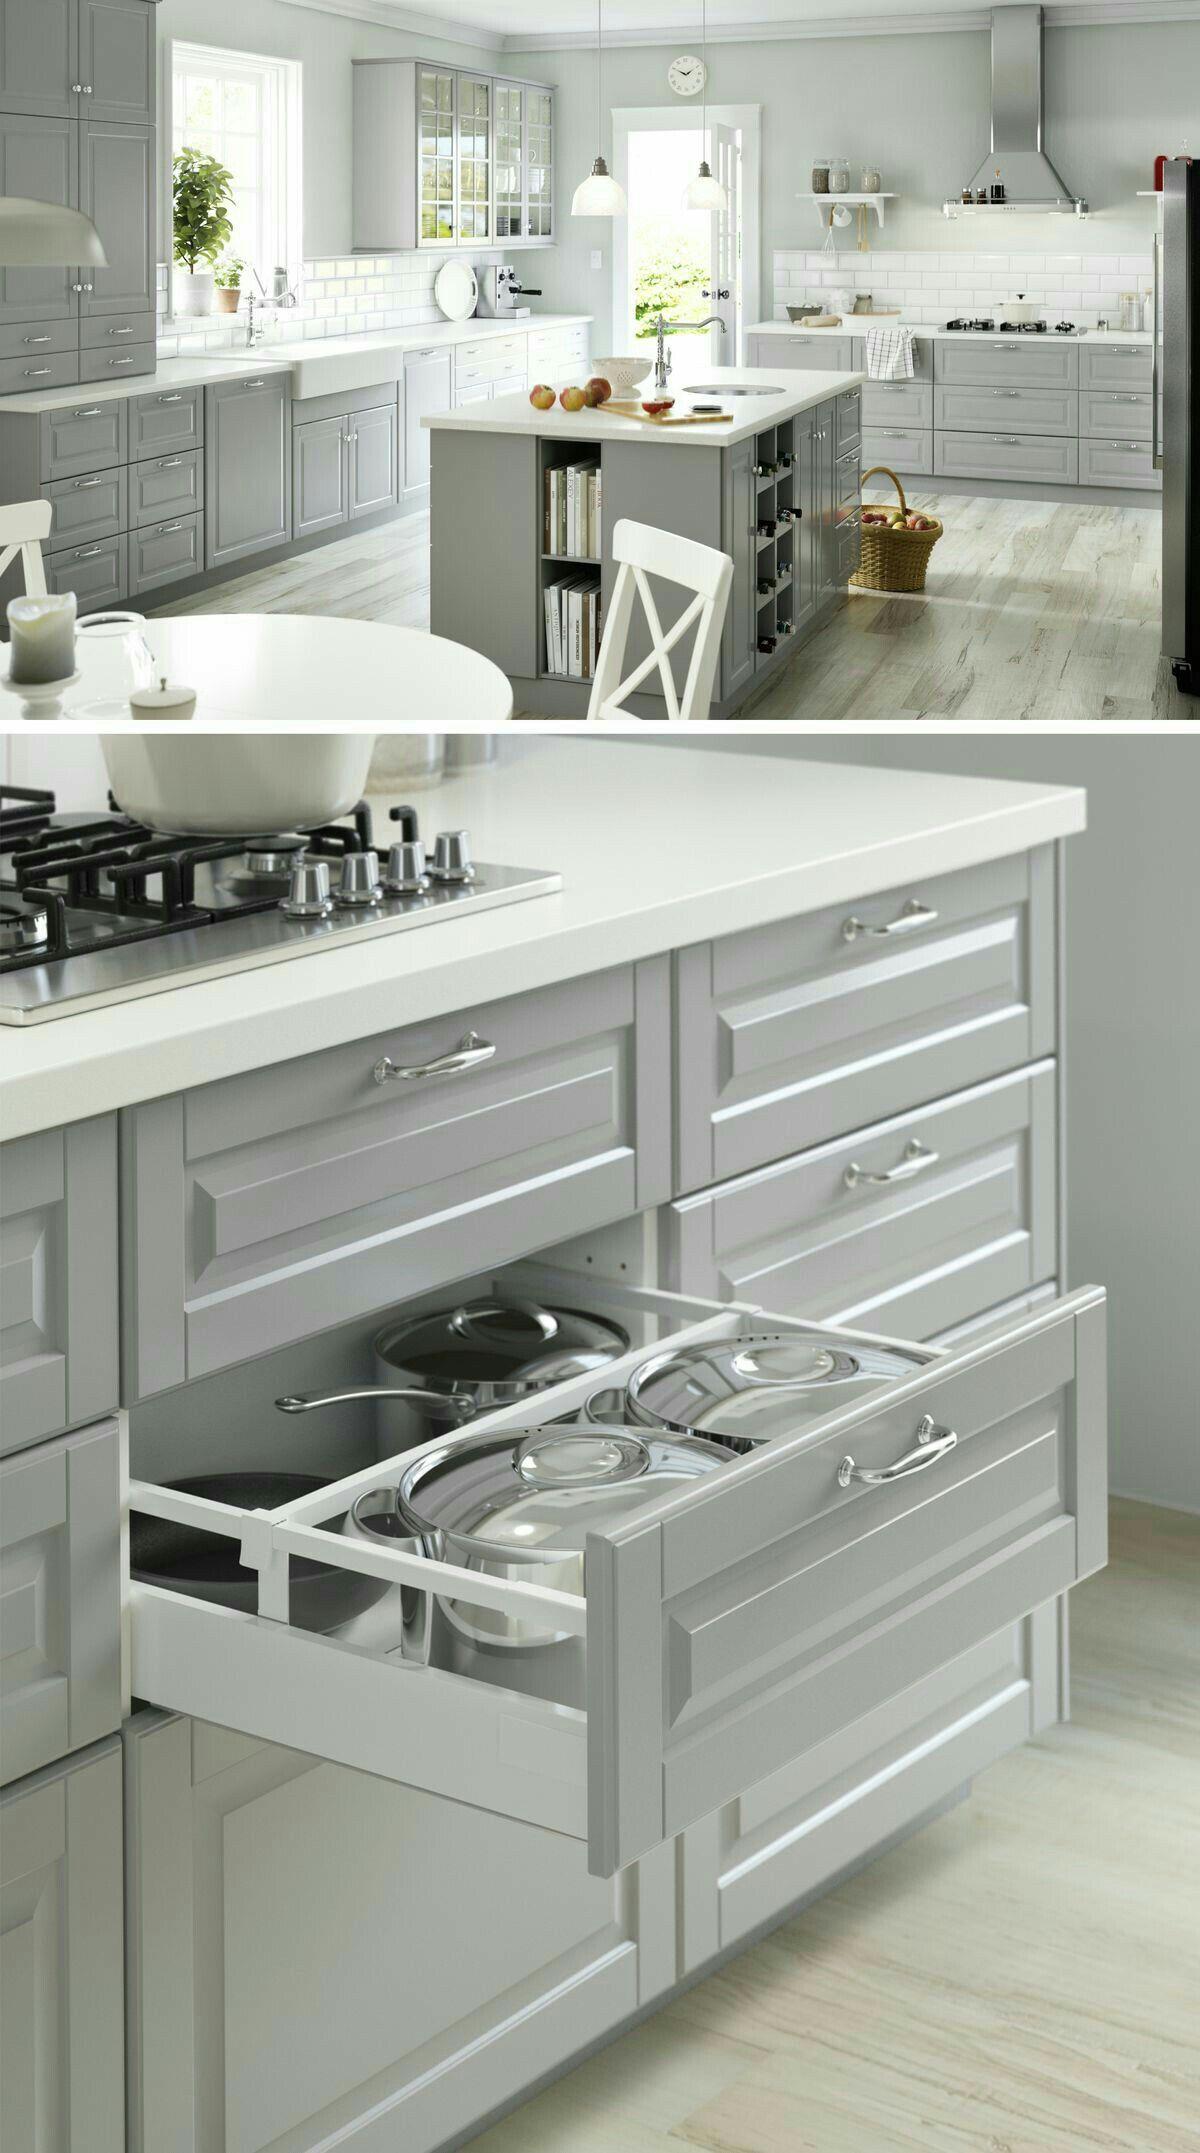 Ikea kitchen cocina despensa comedor pinterest for Decoracion cocinas ikea